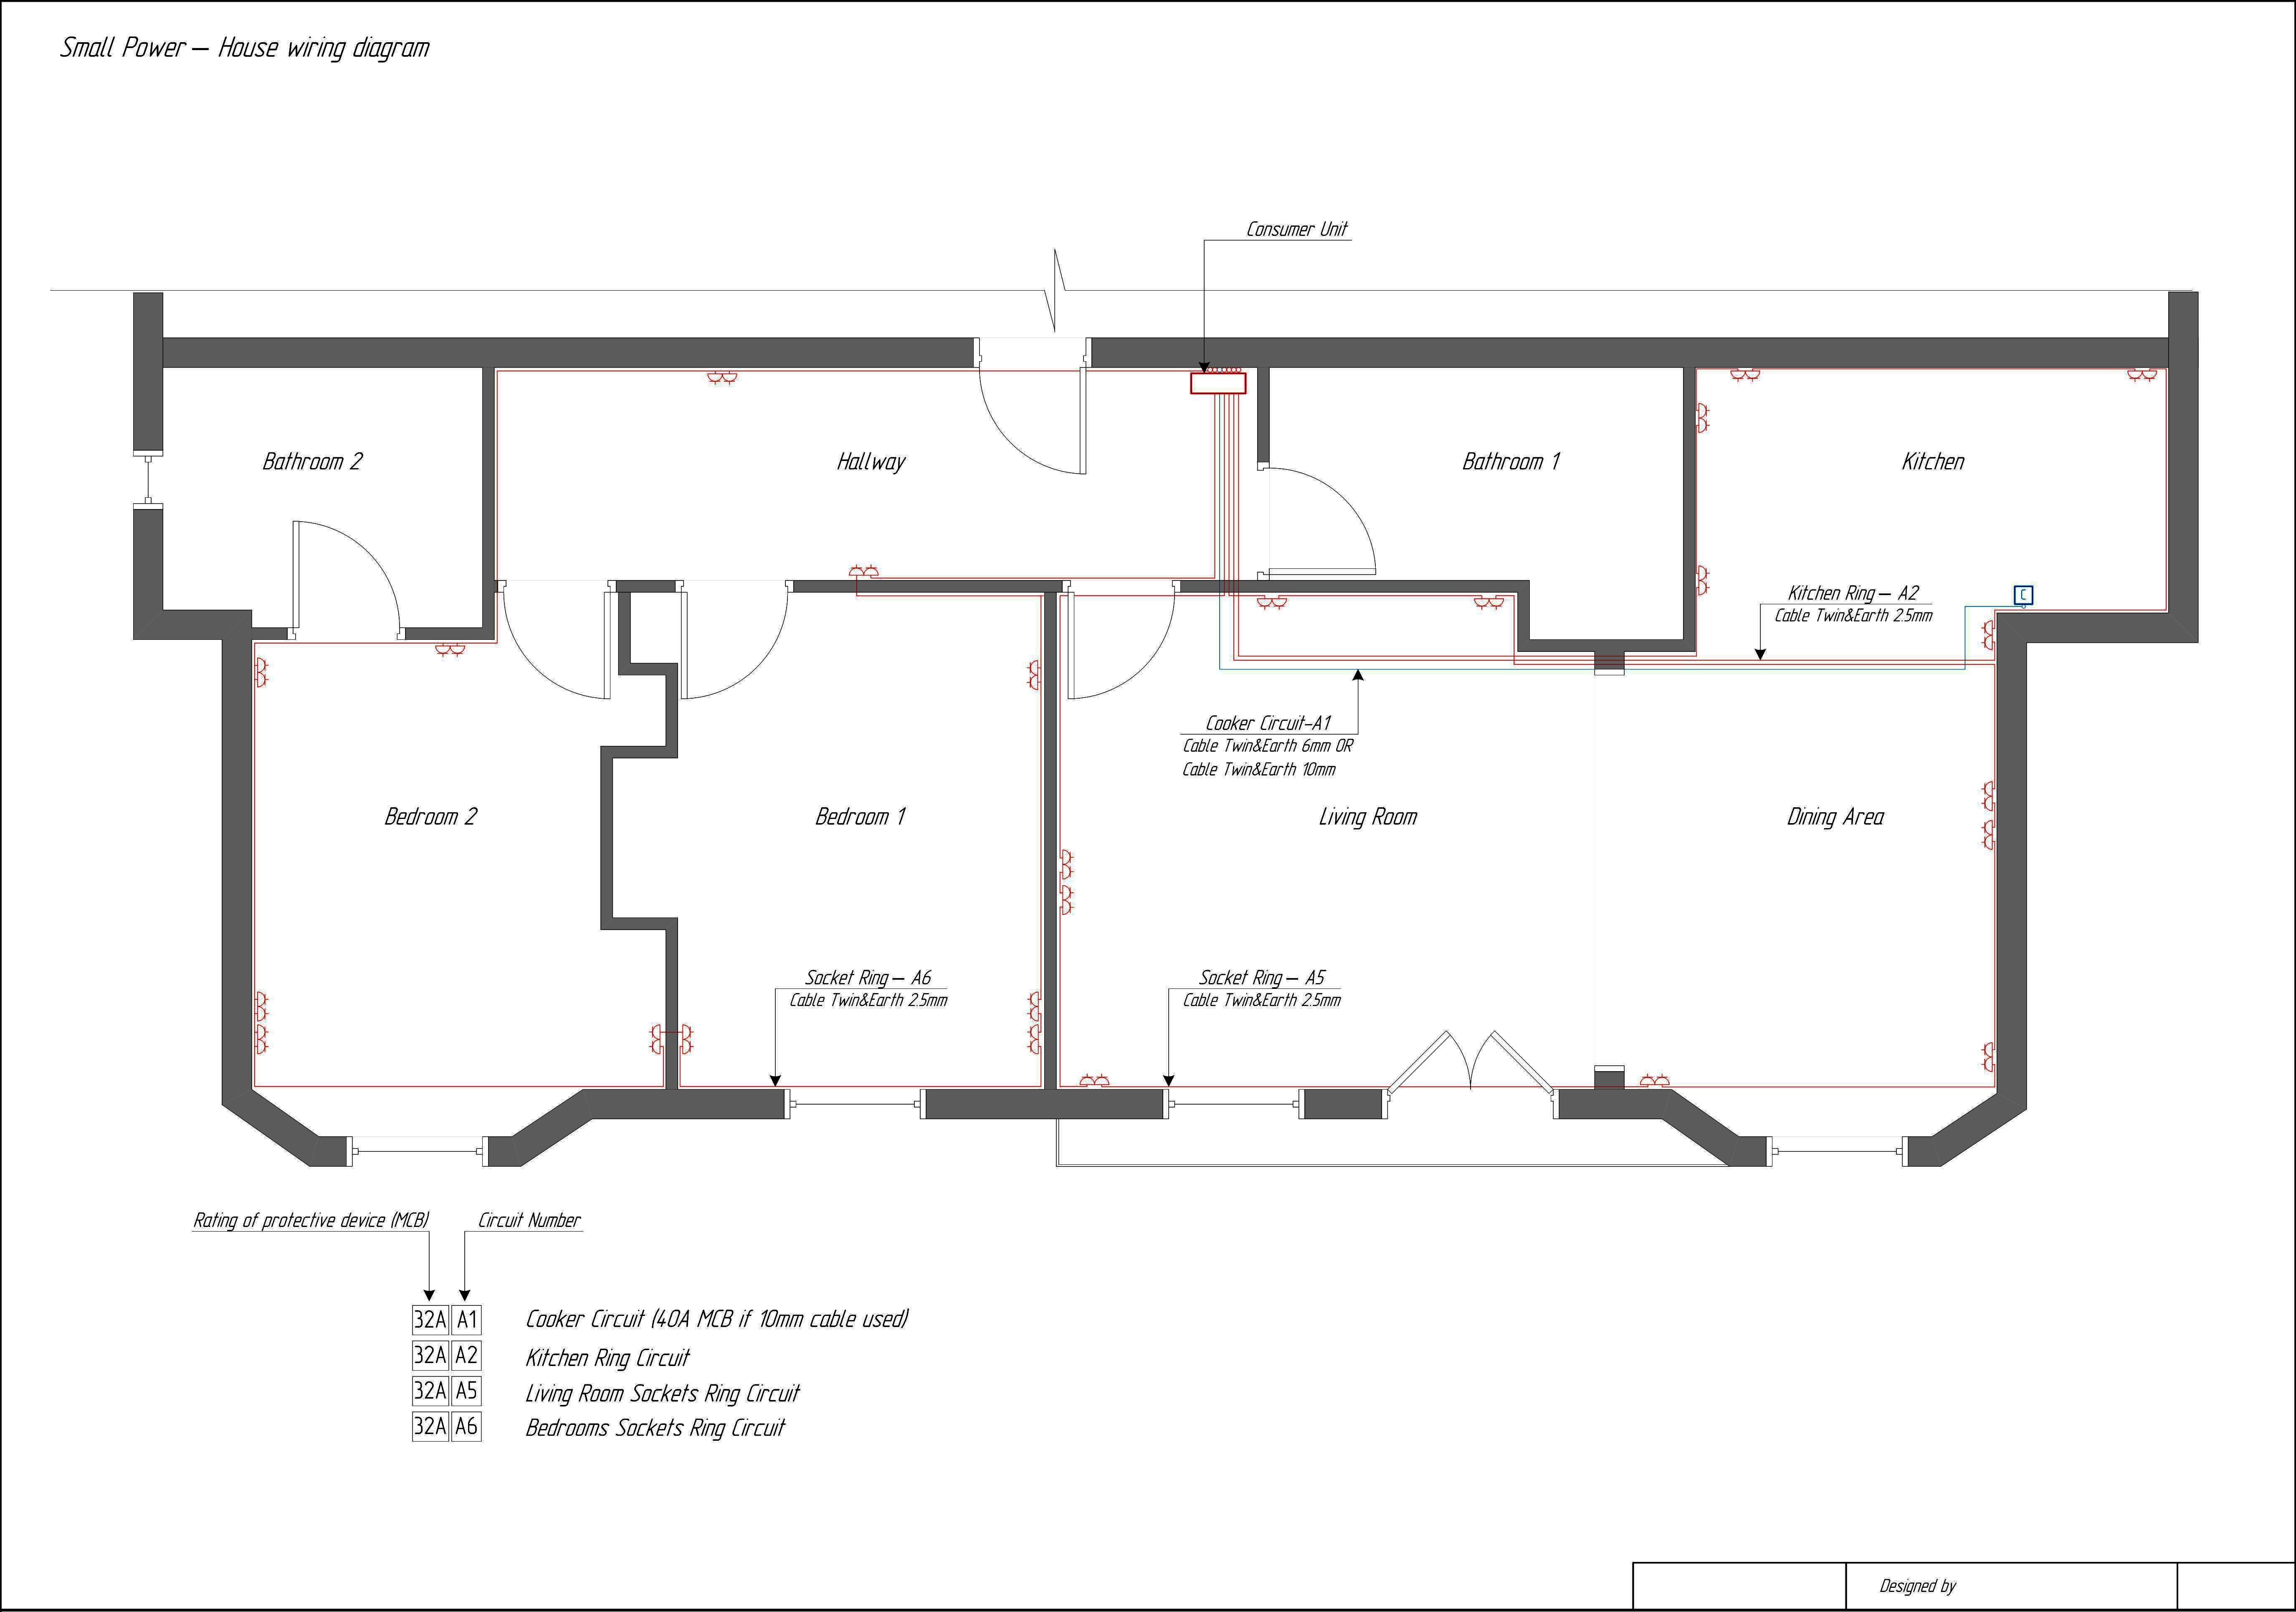 Residential Wiring Circuit Diagrams - Top Leader Wiring Diagram Site • - Electrical Circuit Diagram House Wiring